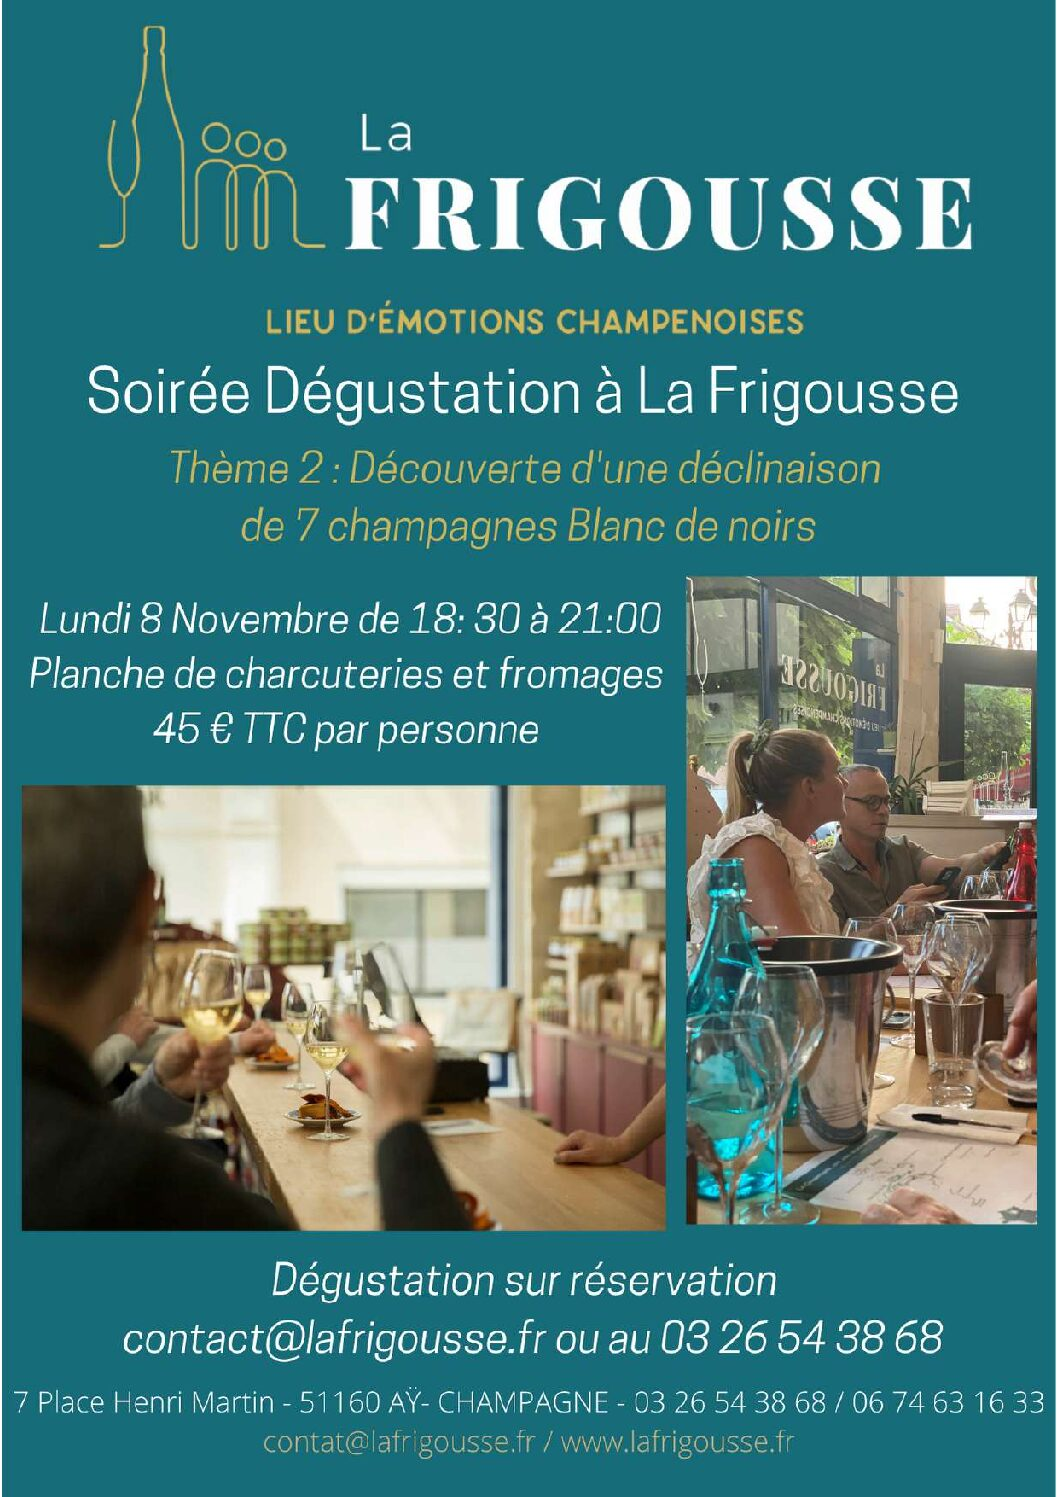 La Frigousse   Lieu d'émotions Champenoises - Soirée dégustation Champagne Blanc de Noirs - pdf pdf - 1